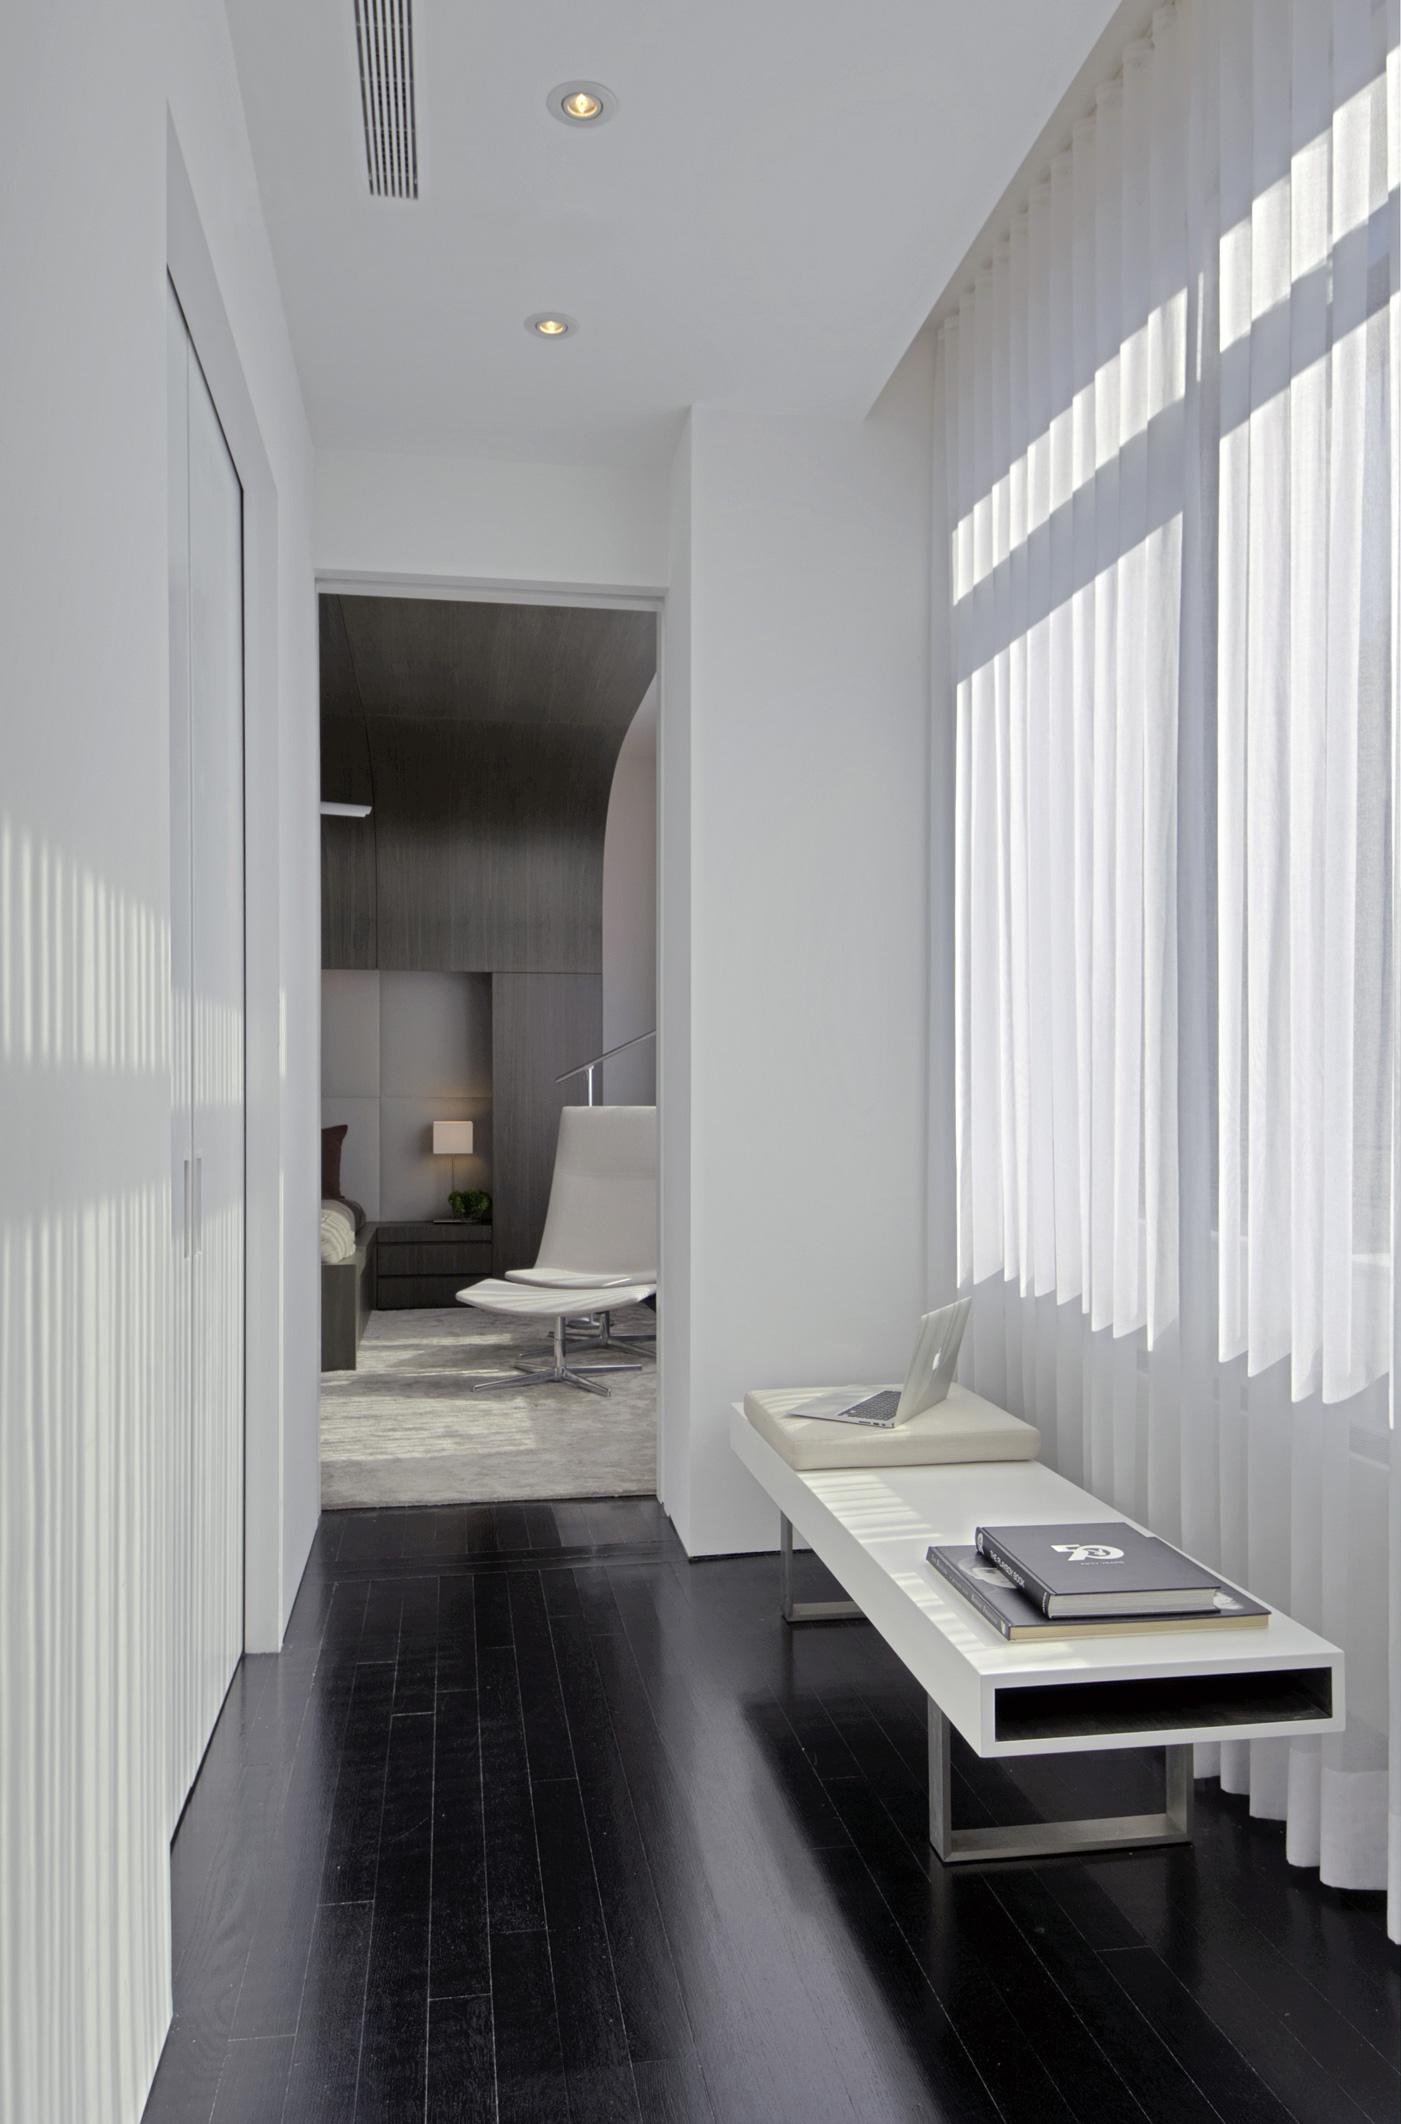 Двухуровневая квартира - интерьер коридора